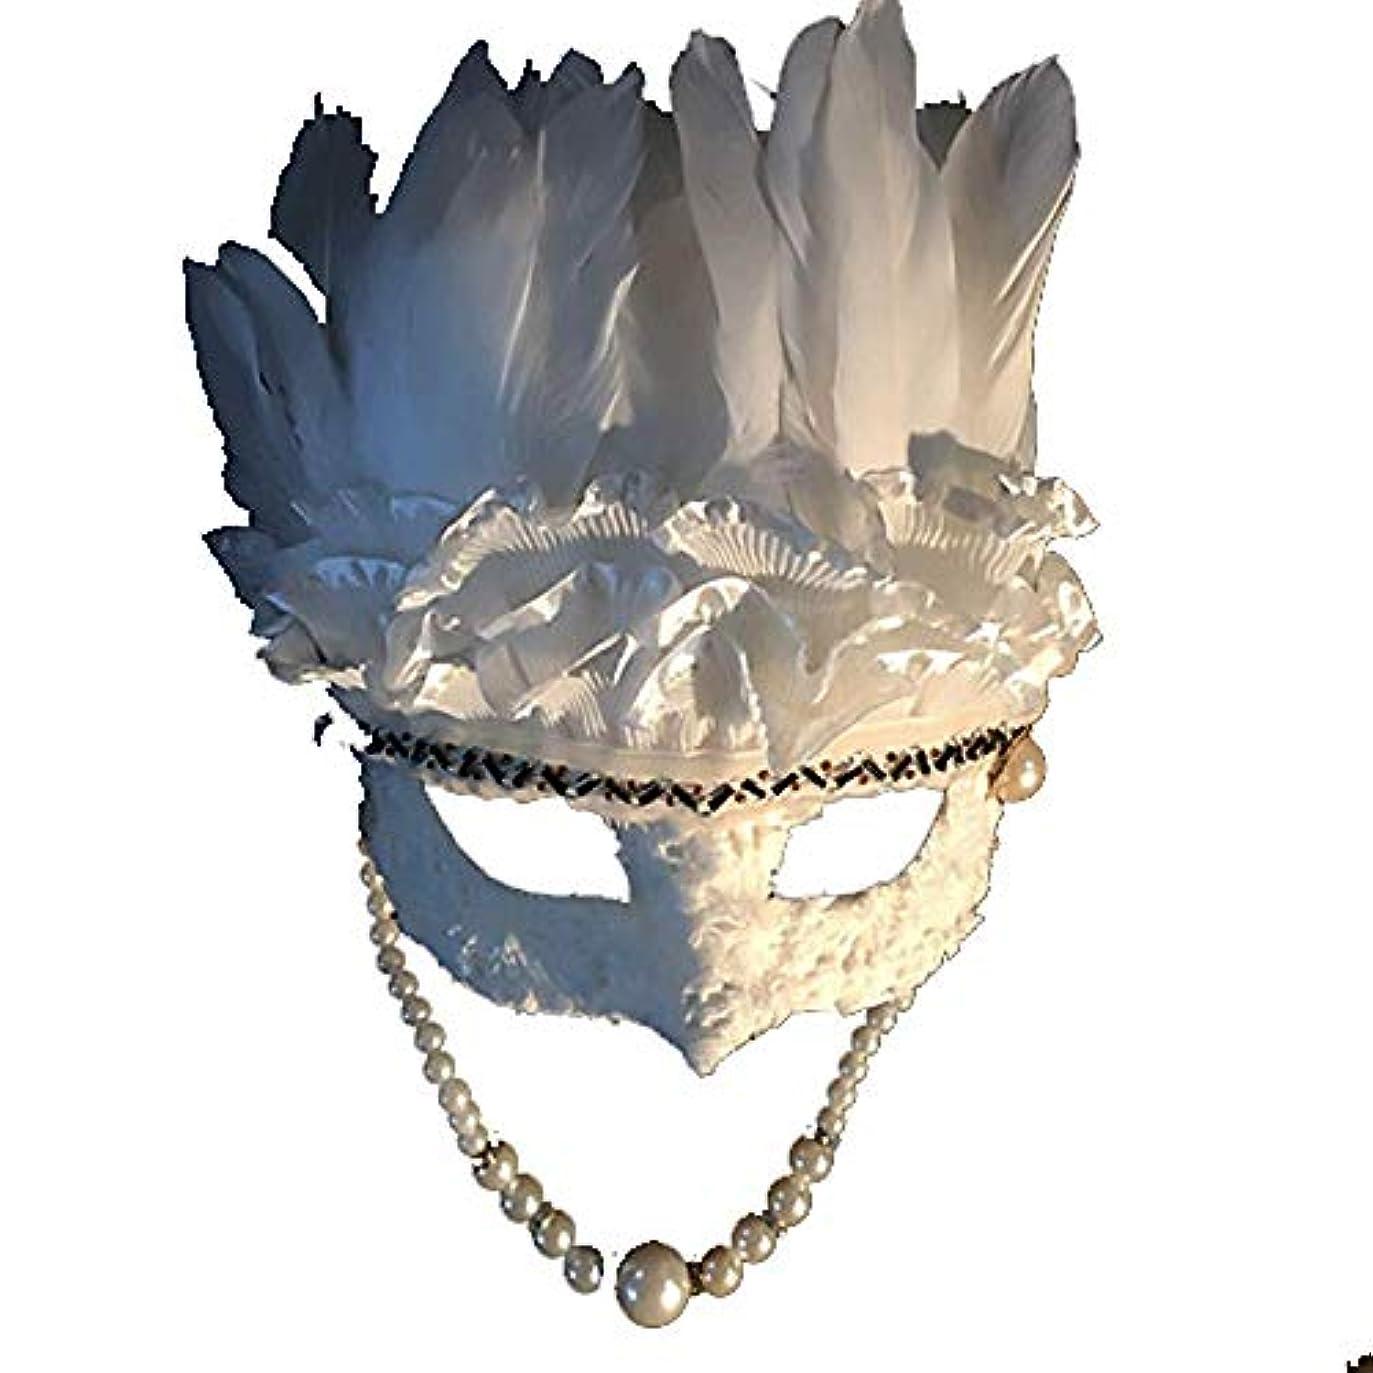 狂った配当海Nanle ハロウィンクリスマスフェザースパンコール刺繍ビーズマスク仮装マスクレディミスプリンセス美容祭パーティーデコレーションマスク